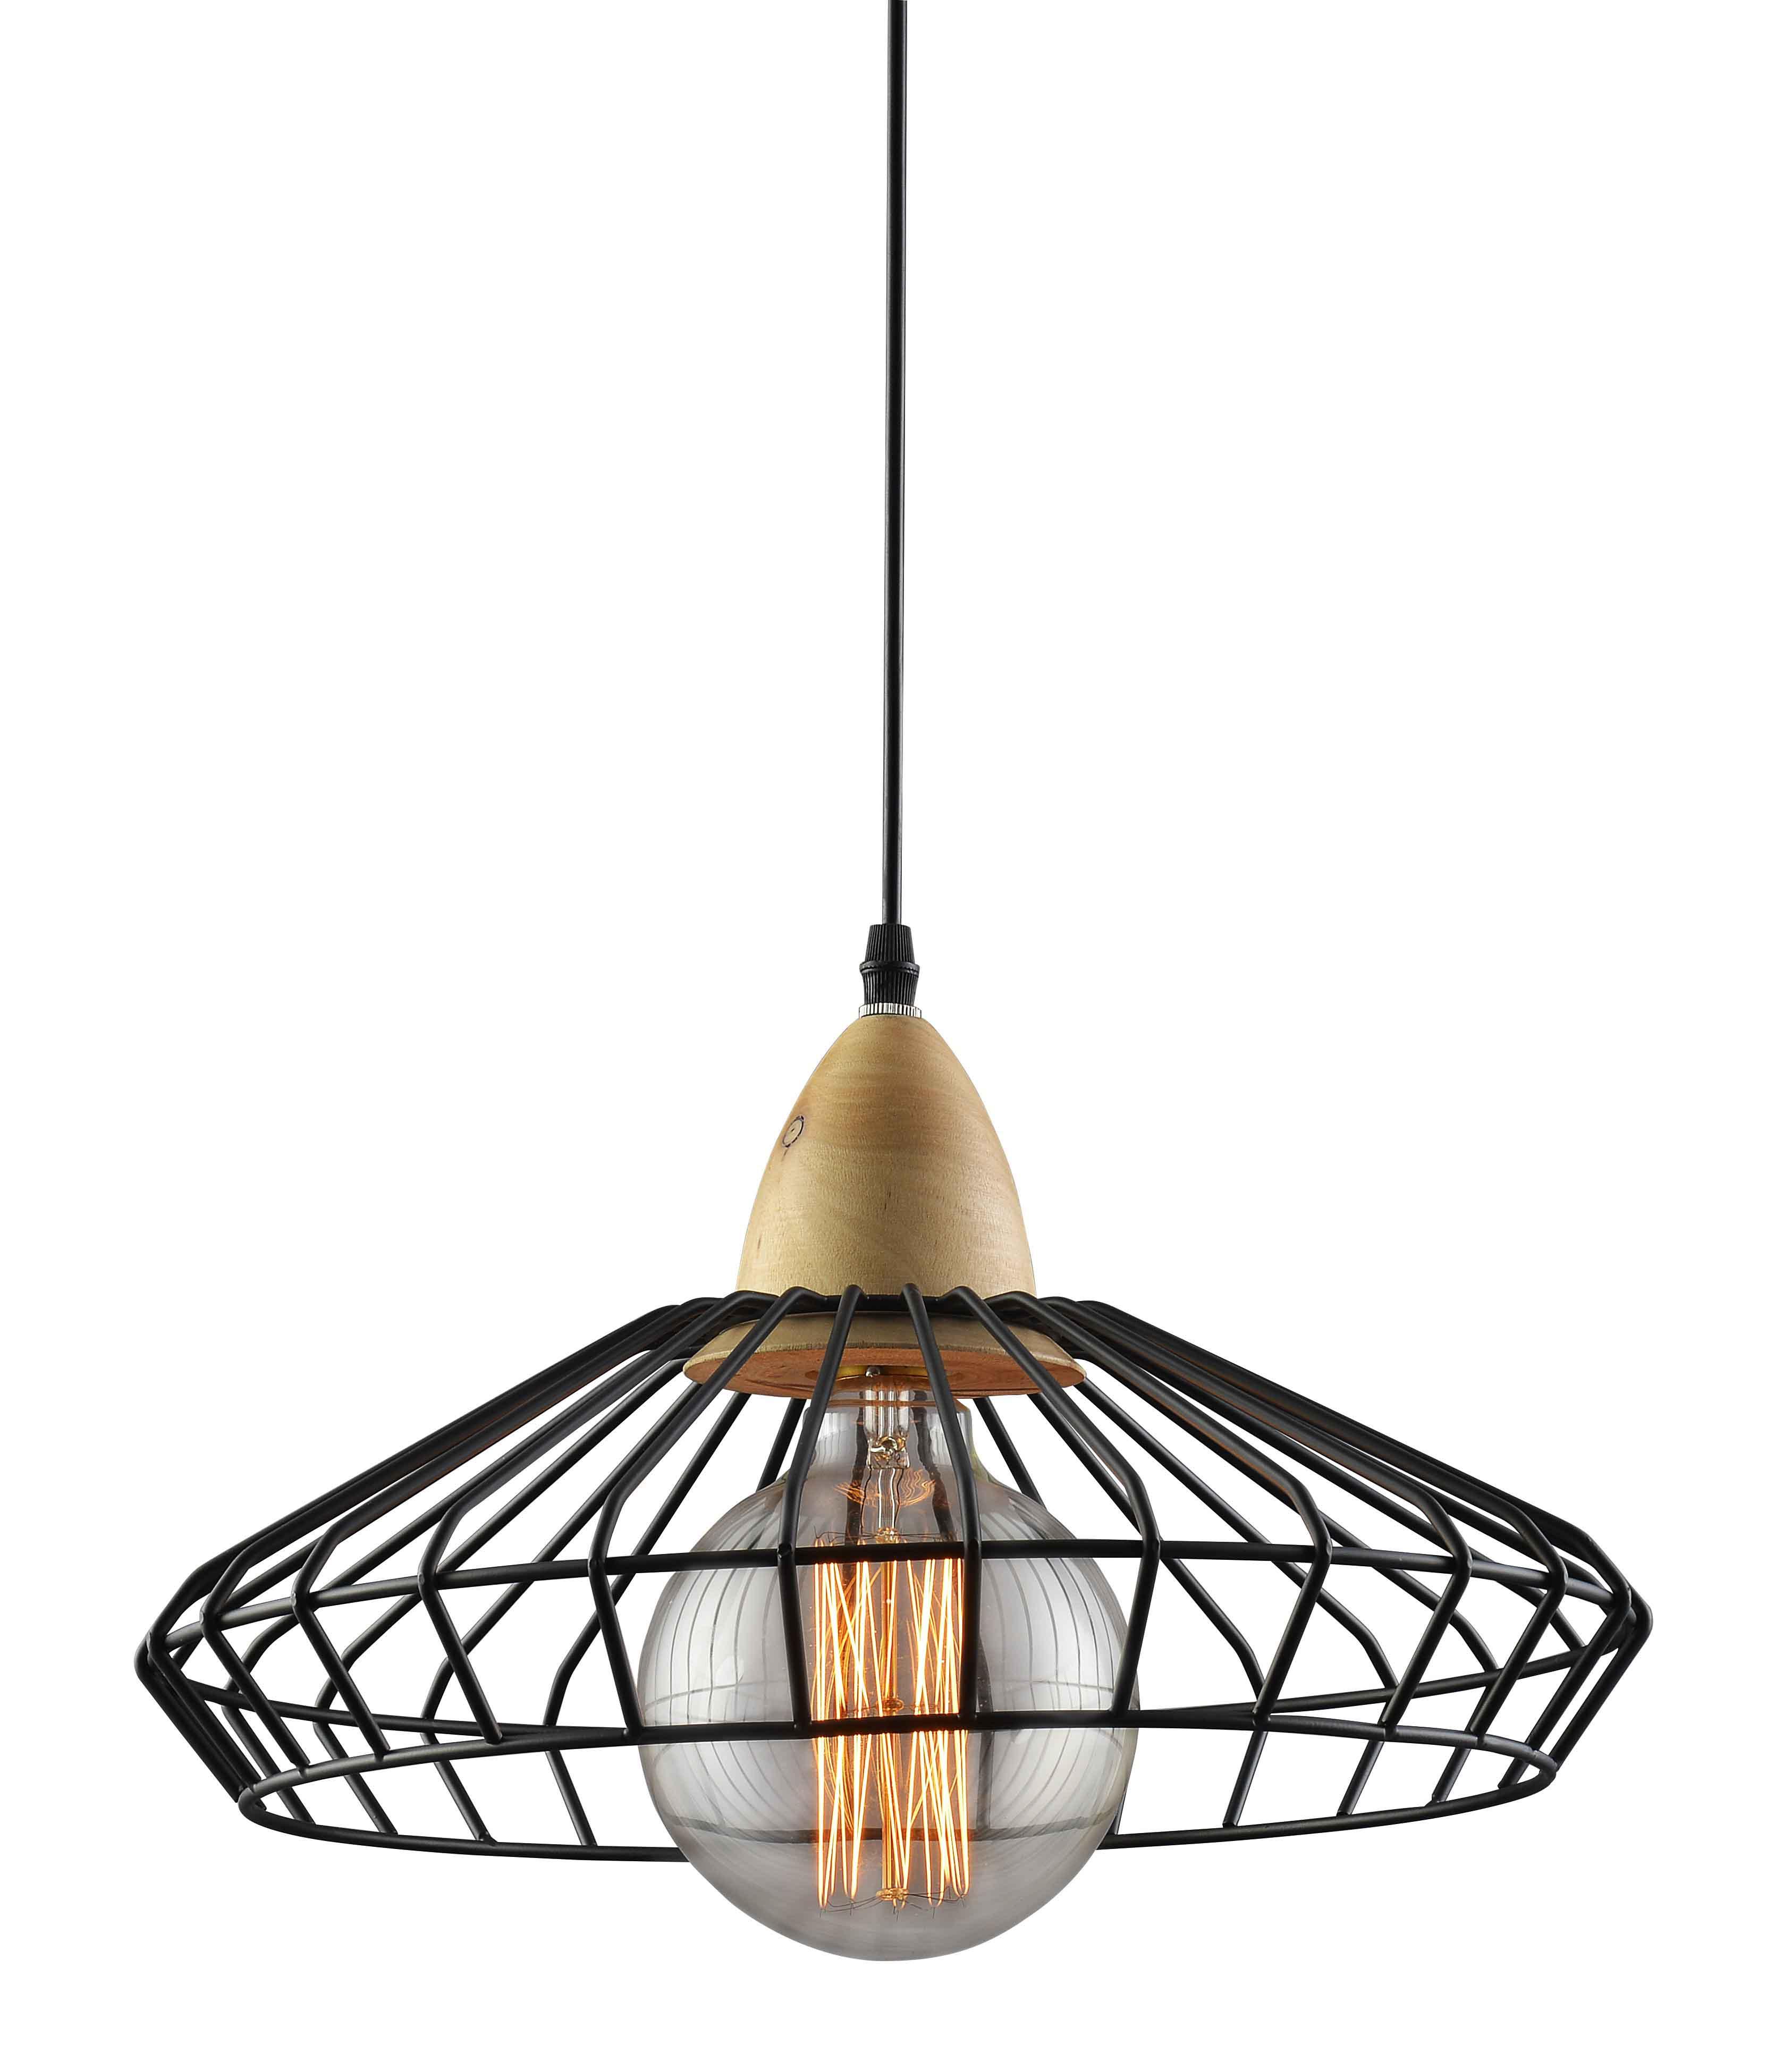 מנורת תליה שילוב ברזל ועץ רינג ביתילי